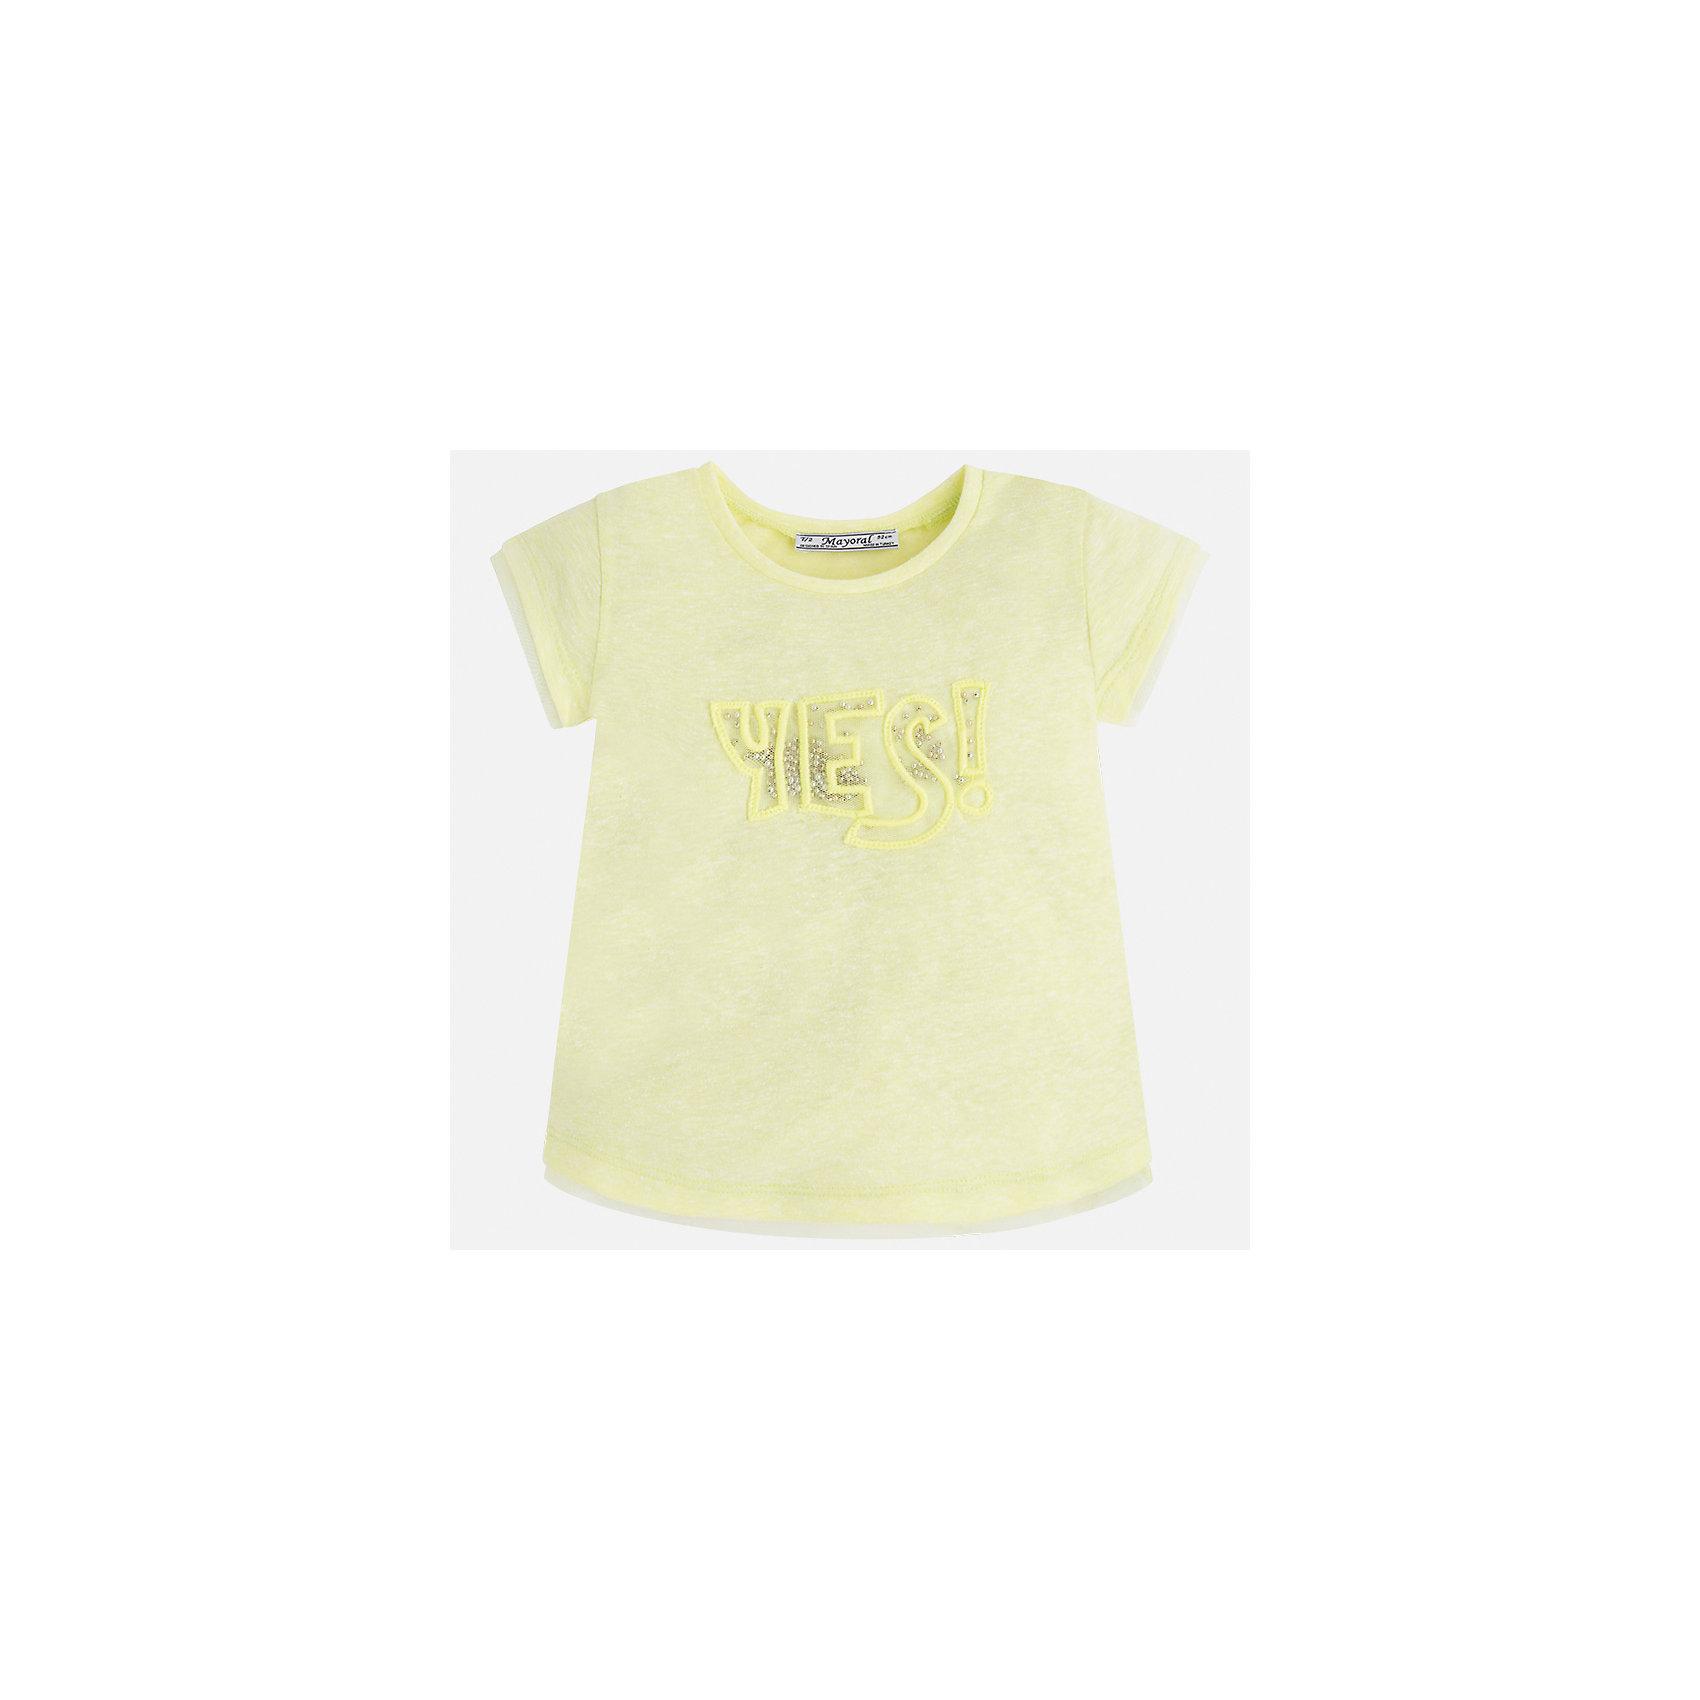 Футболка для девочки MayoralФутболки, поло и топы<br>Характеристики товара:<br><br>• цвет: желтый<br>• состав: 50% хлопок, 50% полиэстер<br>• вышивка<br>• мягкая отделка ворота<br>• короткие рукава<br>• округлый горловой вырез<br>• страна бренда: Испания<br><br>Стильная качественная футболка для девочки поможет разнообразить гардероб ребенка и украсить наряд. Она отлично сочетается и с юбками, и с шортами, и с брюками. Универсальный цвет позволяет подобрать к вещи низ практически любой расцветки. Интересная отделка модели делает её нарядной и оригинальной. В составе ткани преобладает натуральный хлопок, гипоаллергенный, приятный на ощупь, дышащий.<br><br>Одежда, обувь и аксессуары от испанского бренда Mayoral полюбились детям и взрослым по всему миру. Модели этой марки - стильные и удобные. Для их производства используются только безопасные, качественные материалы и фурнитура. Порадуйте ребенка модными и красивыми вещами от Mayoral! <br><br>Футболку для девочки от испанского бренда Mayoral (Майорал) можно купить в нашем интернет-магазине.<br><br>Ширина мм: 199<br>Глубина мм: 10<br>Высота мм: 161<br>Вес г: 151<br>Цвет: желтый<br>Возраст от месяцев: 24<br>Возраст до месяцев: 36<br>Пол: Женский<br>Возраст: Детский<br>Размер: 98,104,110,116,122,128,134,92<br>SKU: 5289416